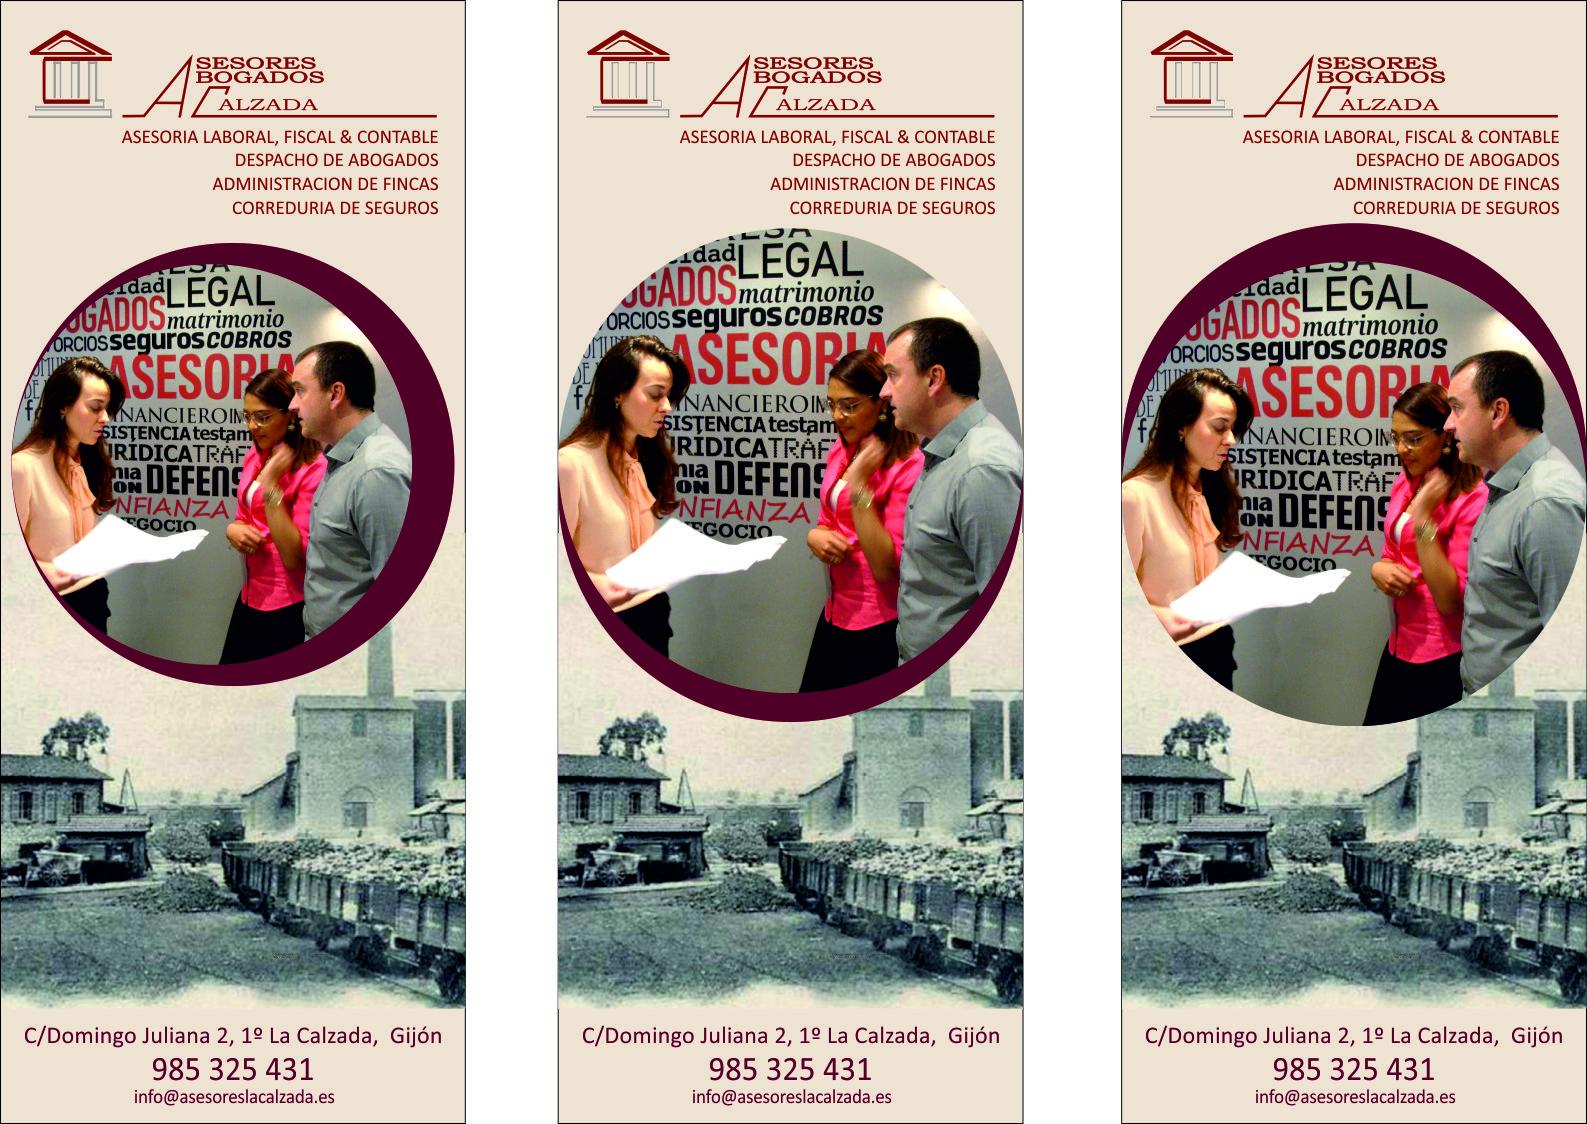 Abogados, asesores y admon fincas  LA CALZADA tF: 985 32 54 31